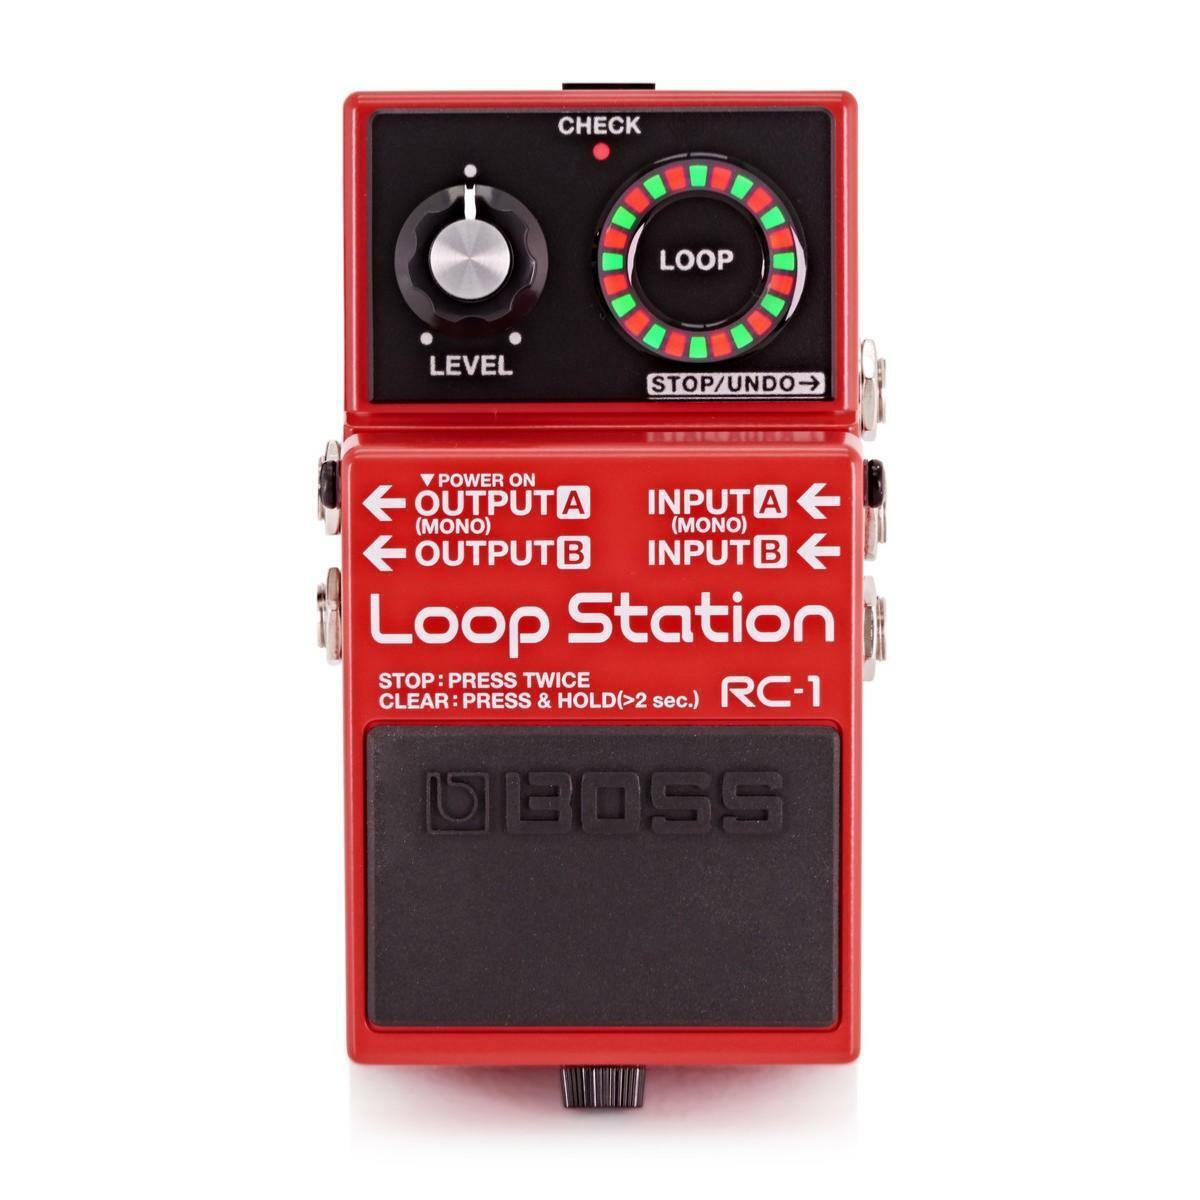 BOSS - RC-1 - LOOP Station Pédale d'effets